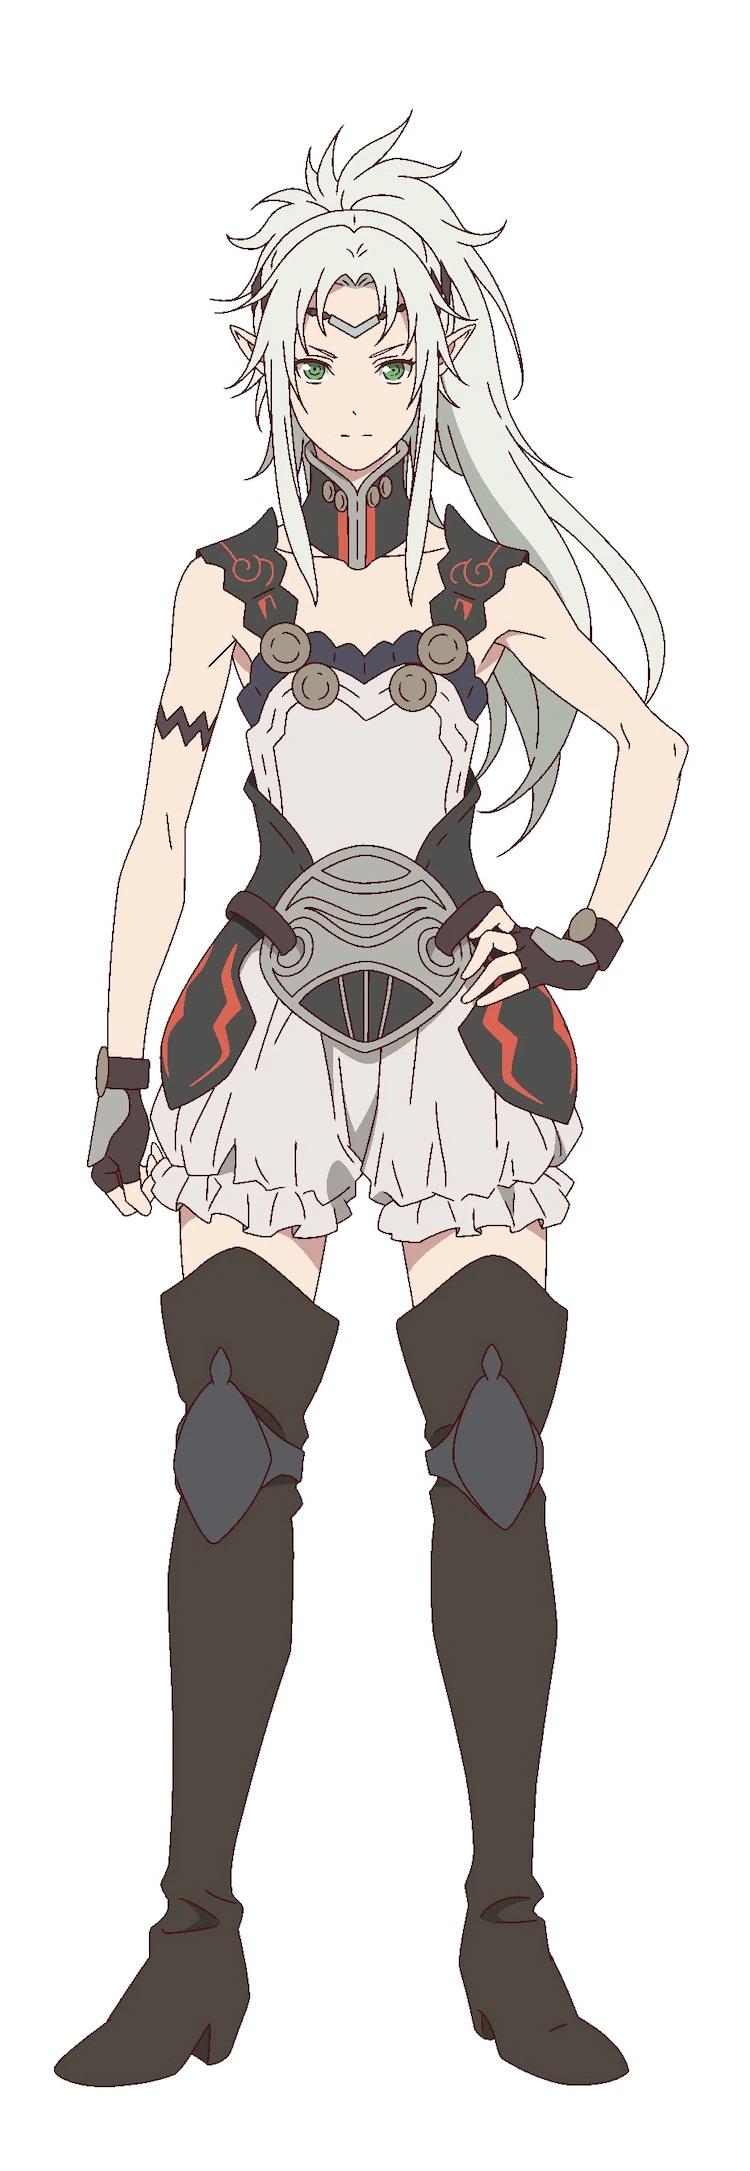 Un escenario de personajes de Menel, un guardabosques semielfo del próximo anime televisivo The Faraway Paladin.  Menel es delgado y de apariencia andrógina.  Tienen ojos verdes y cabello plateado y están vestidos con una túnica y pantalones con botas de cuero hasta los muslos.